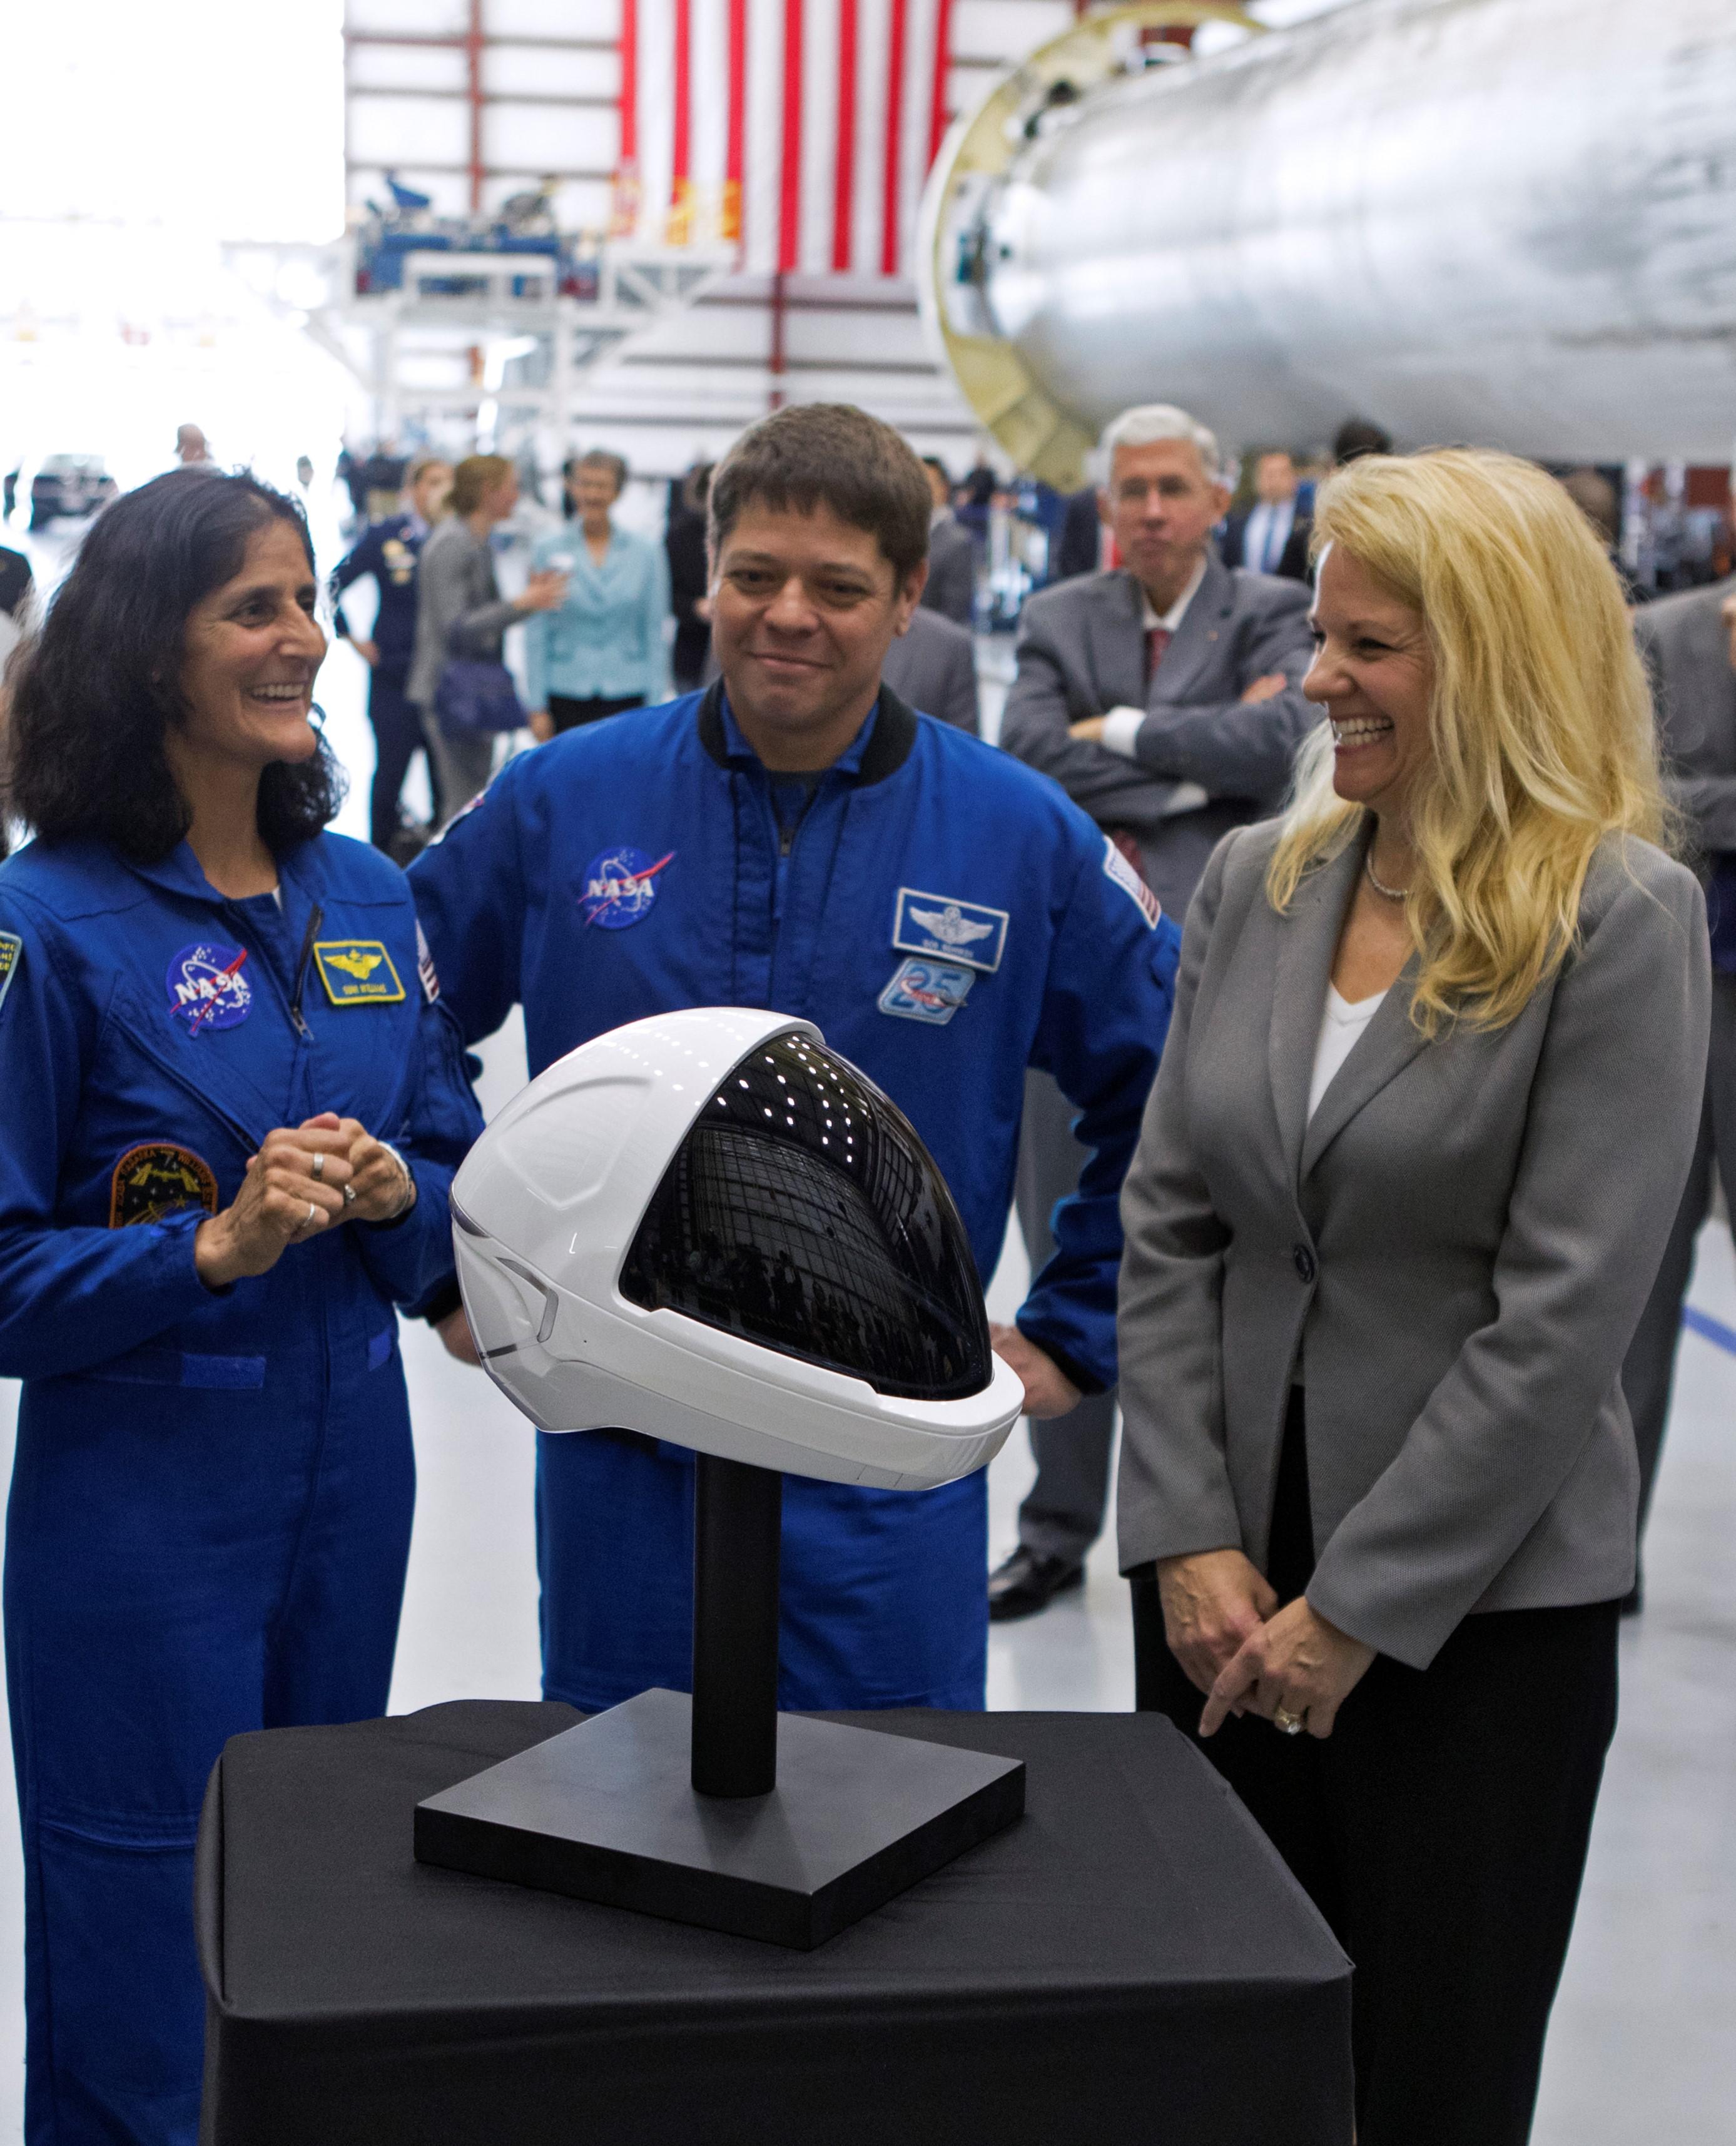 SpaceX spacesuit helmet detail (NASA)